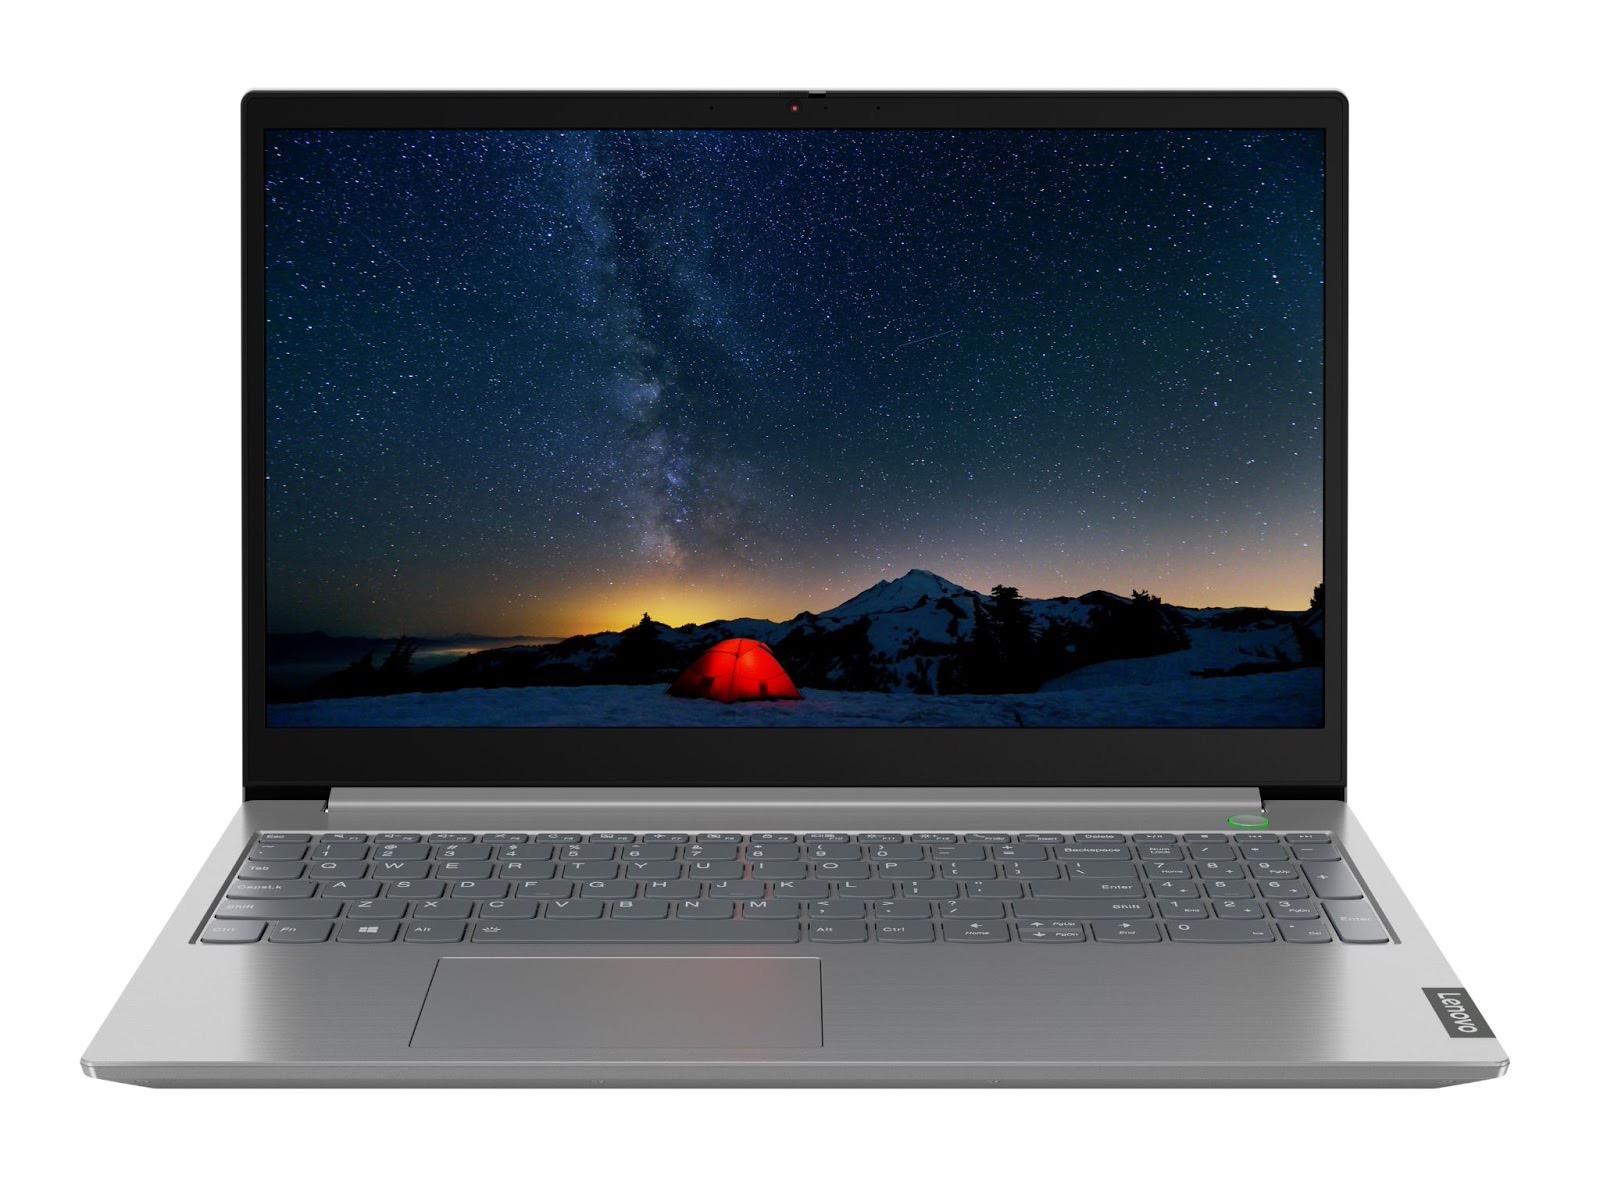 Фото 1. Ноутбук Lenovo ThinkBook 15 Gen 2 ITL (20VE00FPRU)